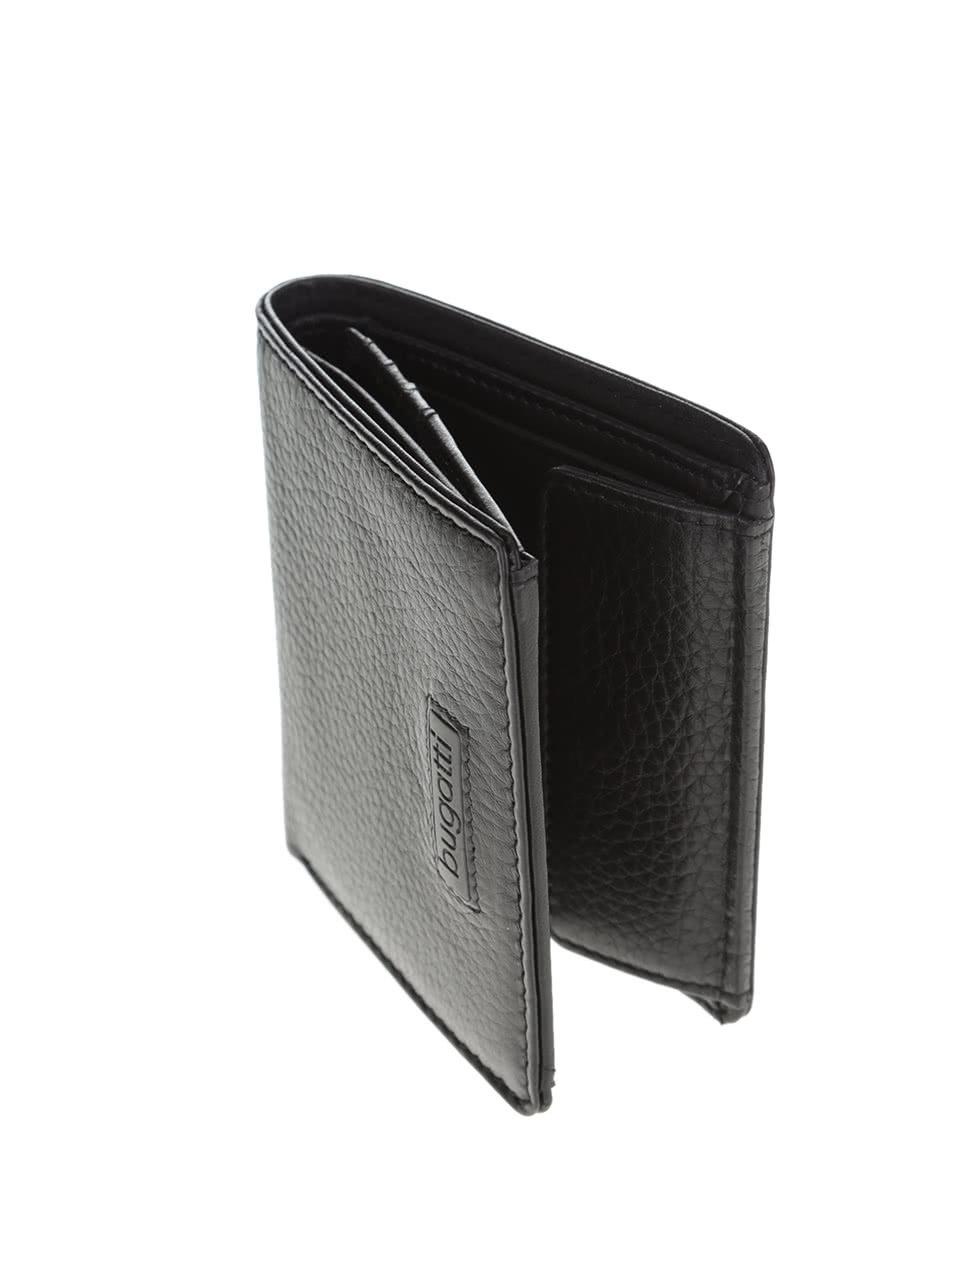 Čierna pánska kožená peňaženka bugatti Pregio ... 932a43d4bb3